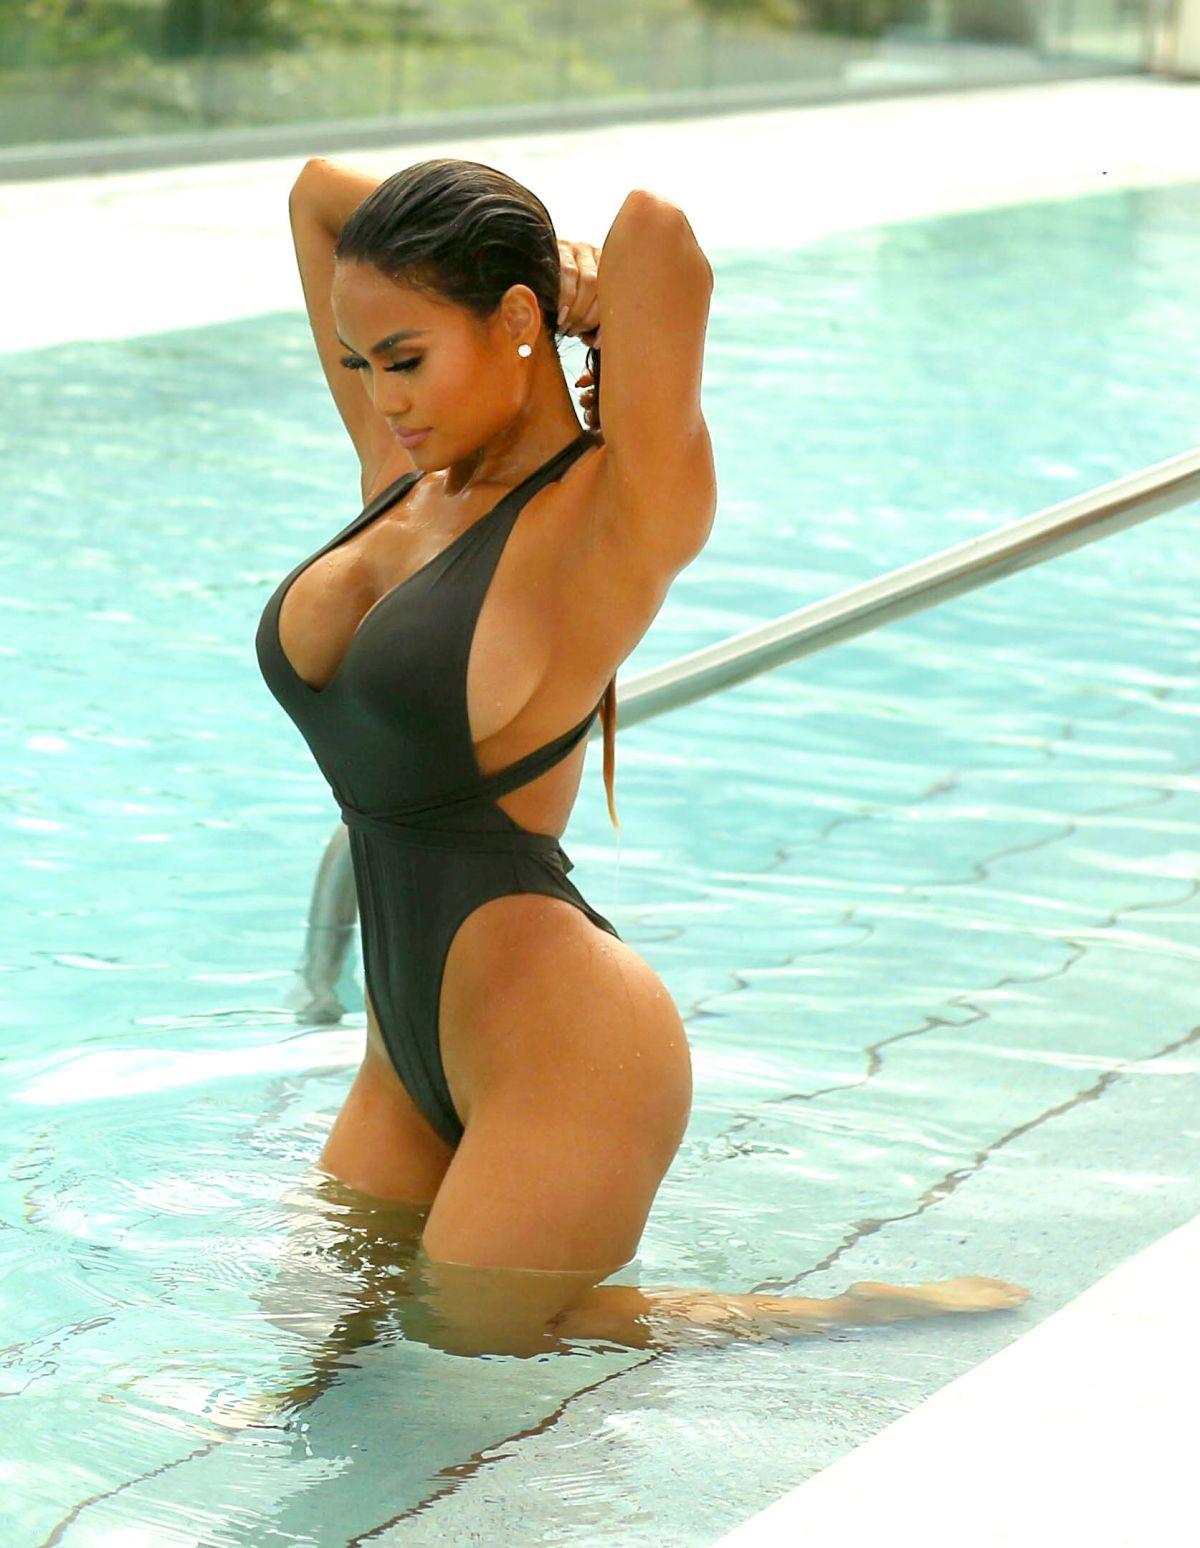 Jennifer fox bikini model kind bomb!